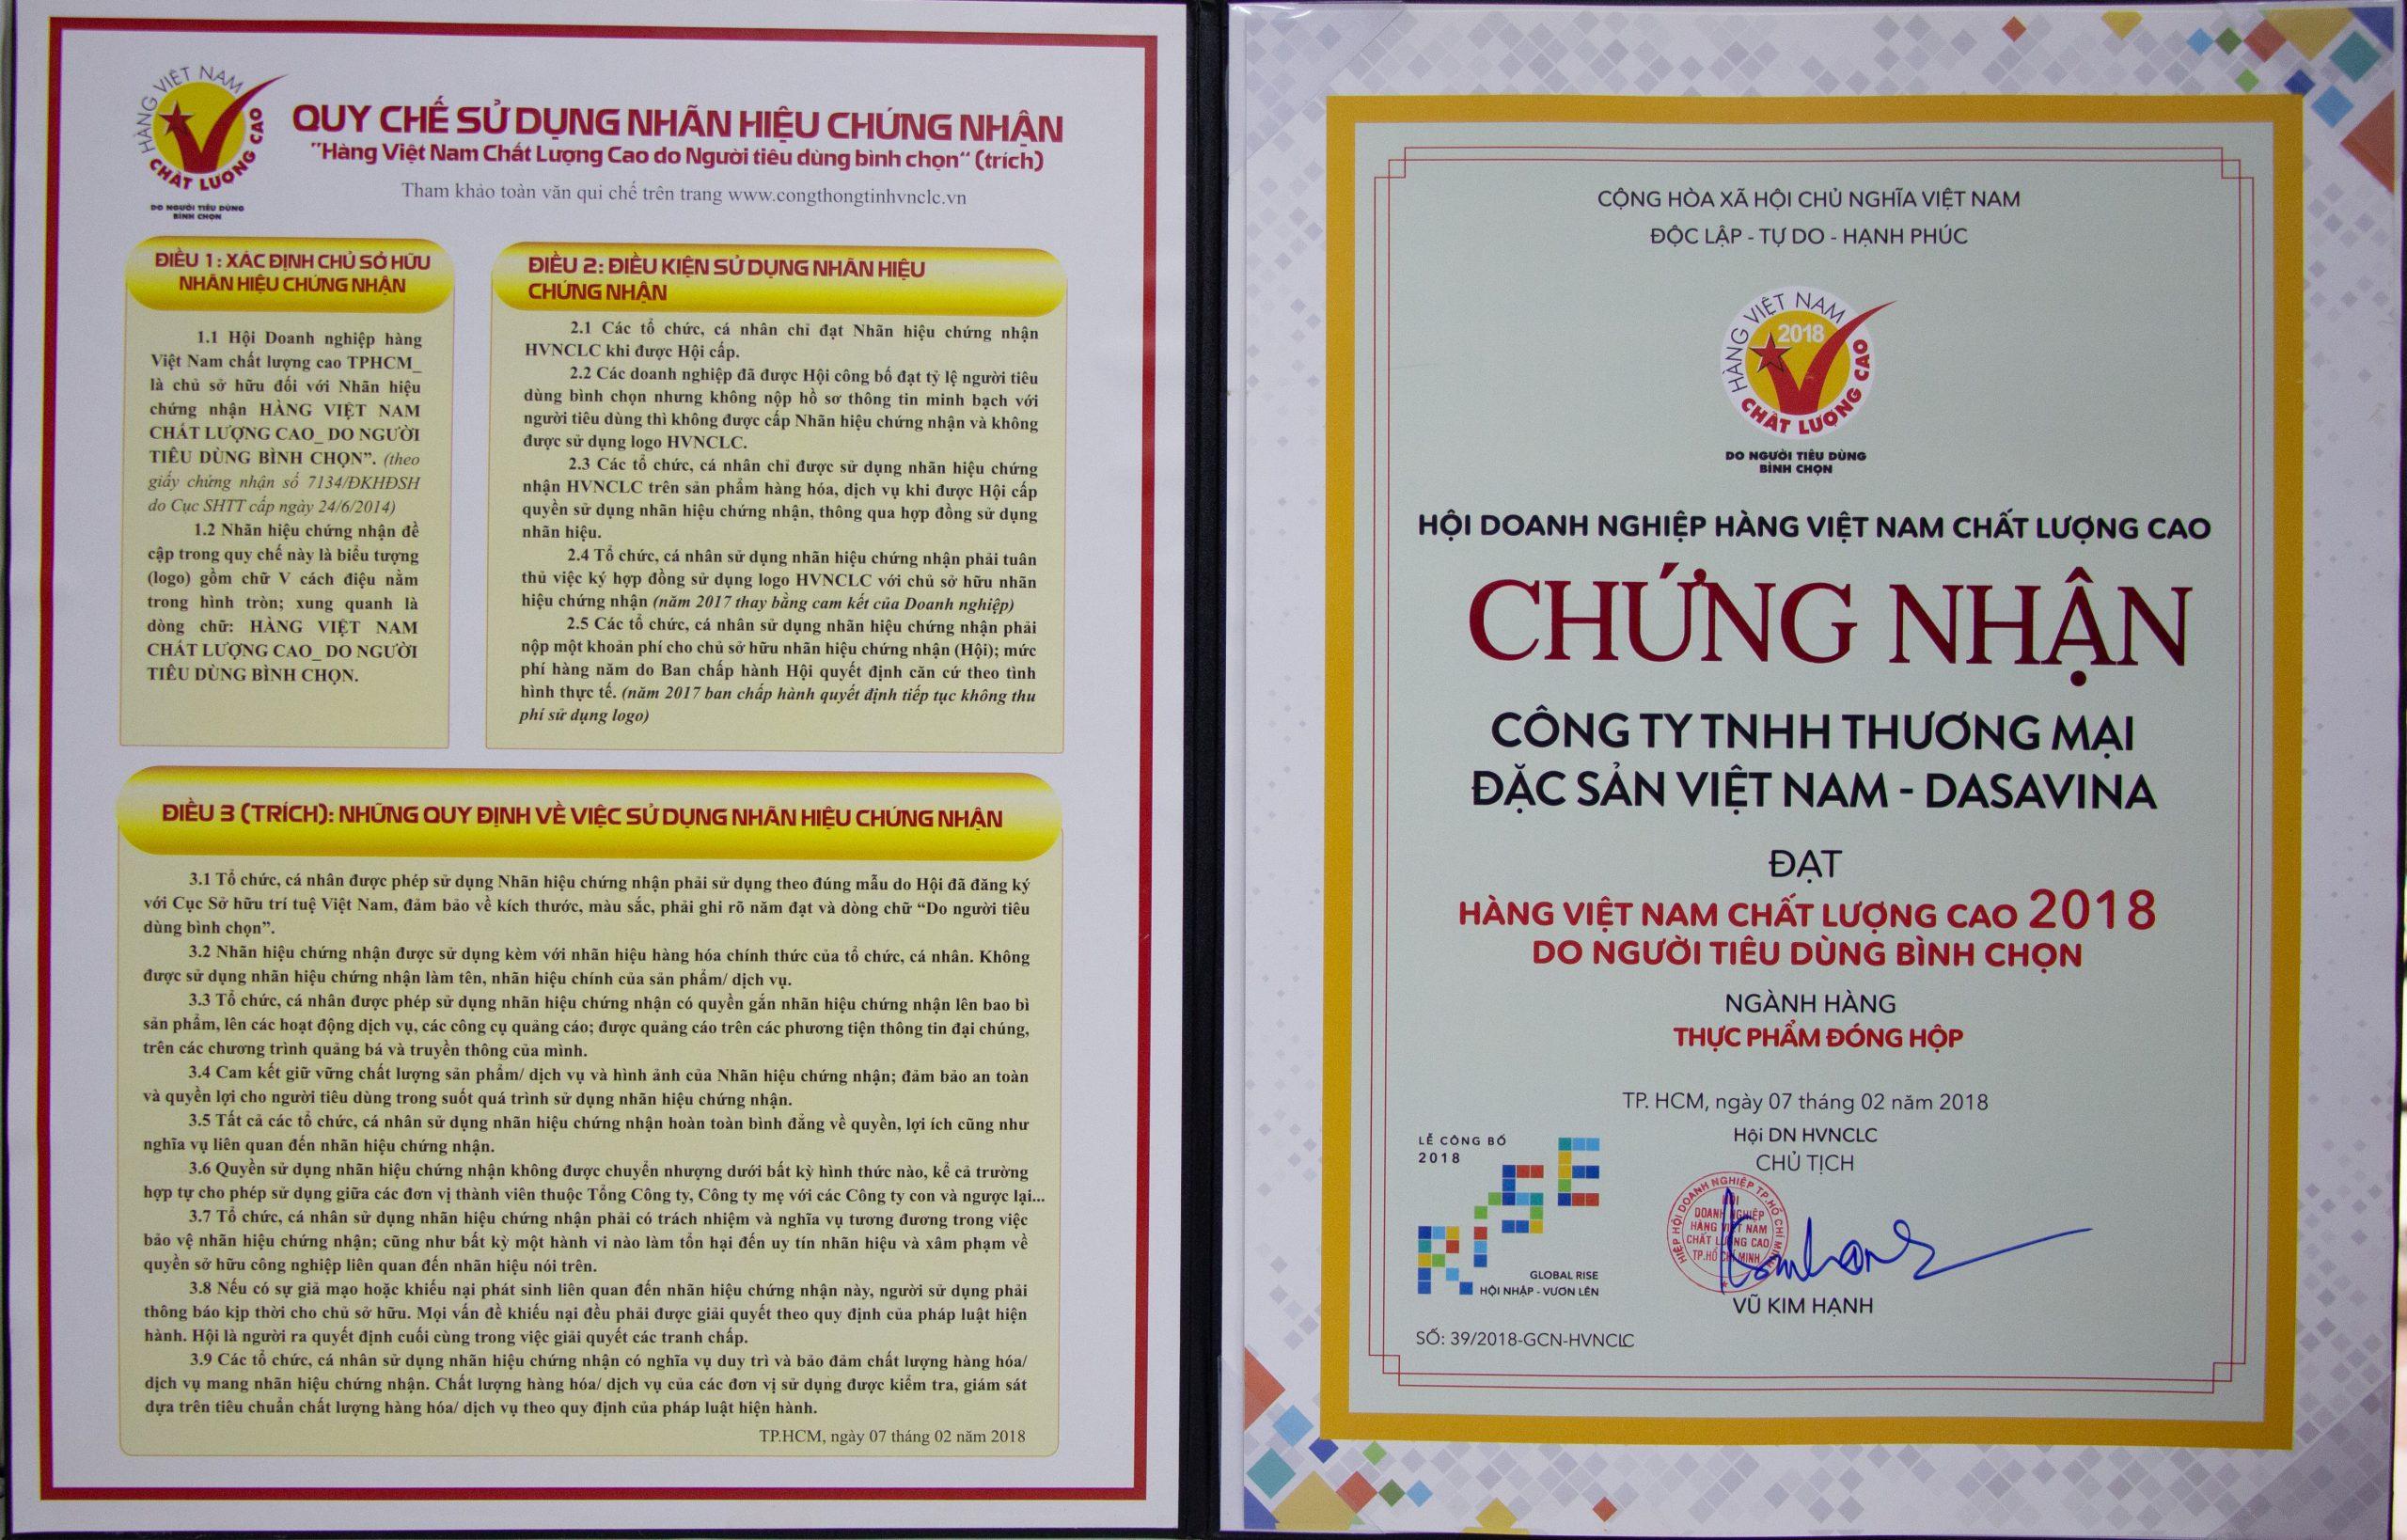 Chứng nhận Hàng Việt Nam Chất lượng cao năm 2018